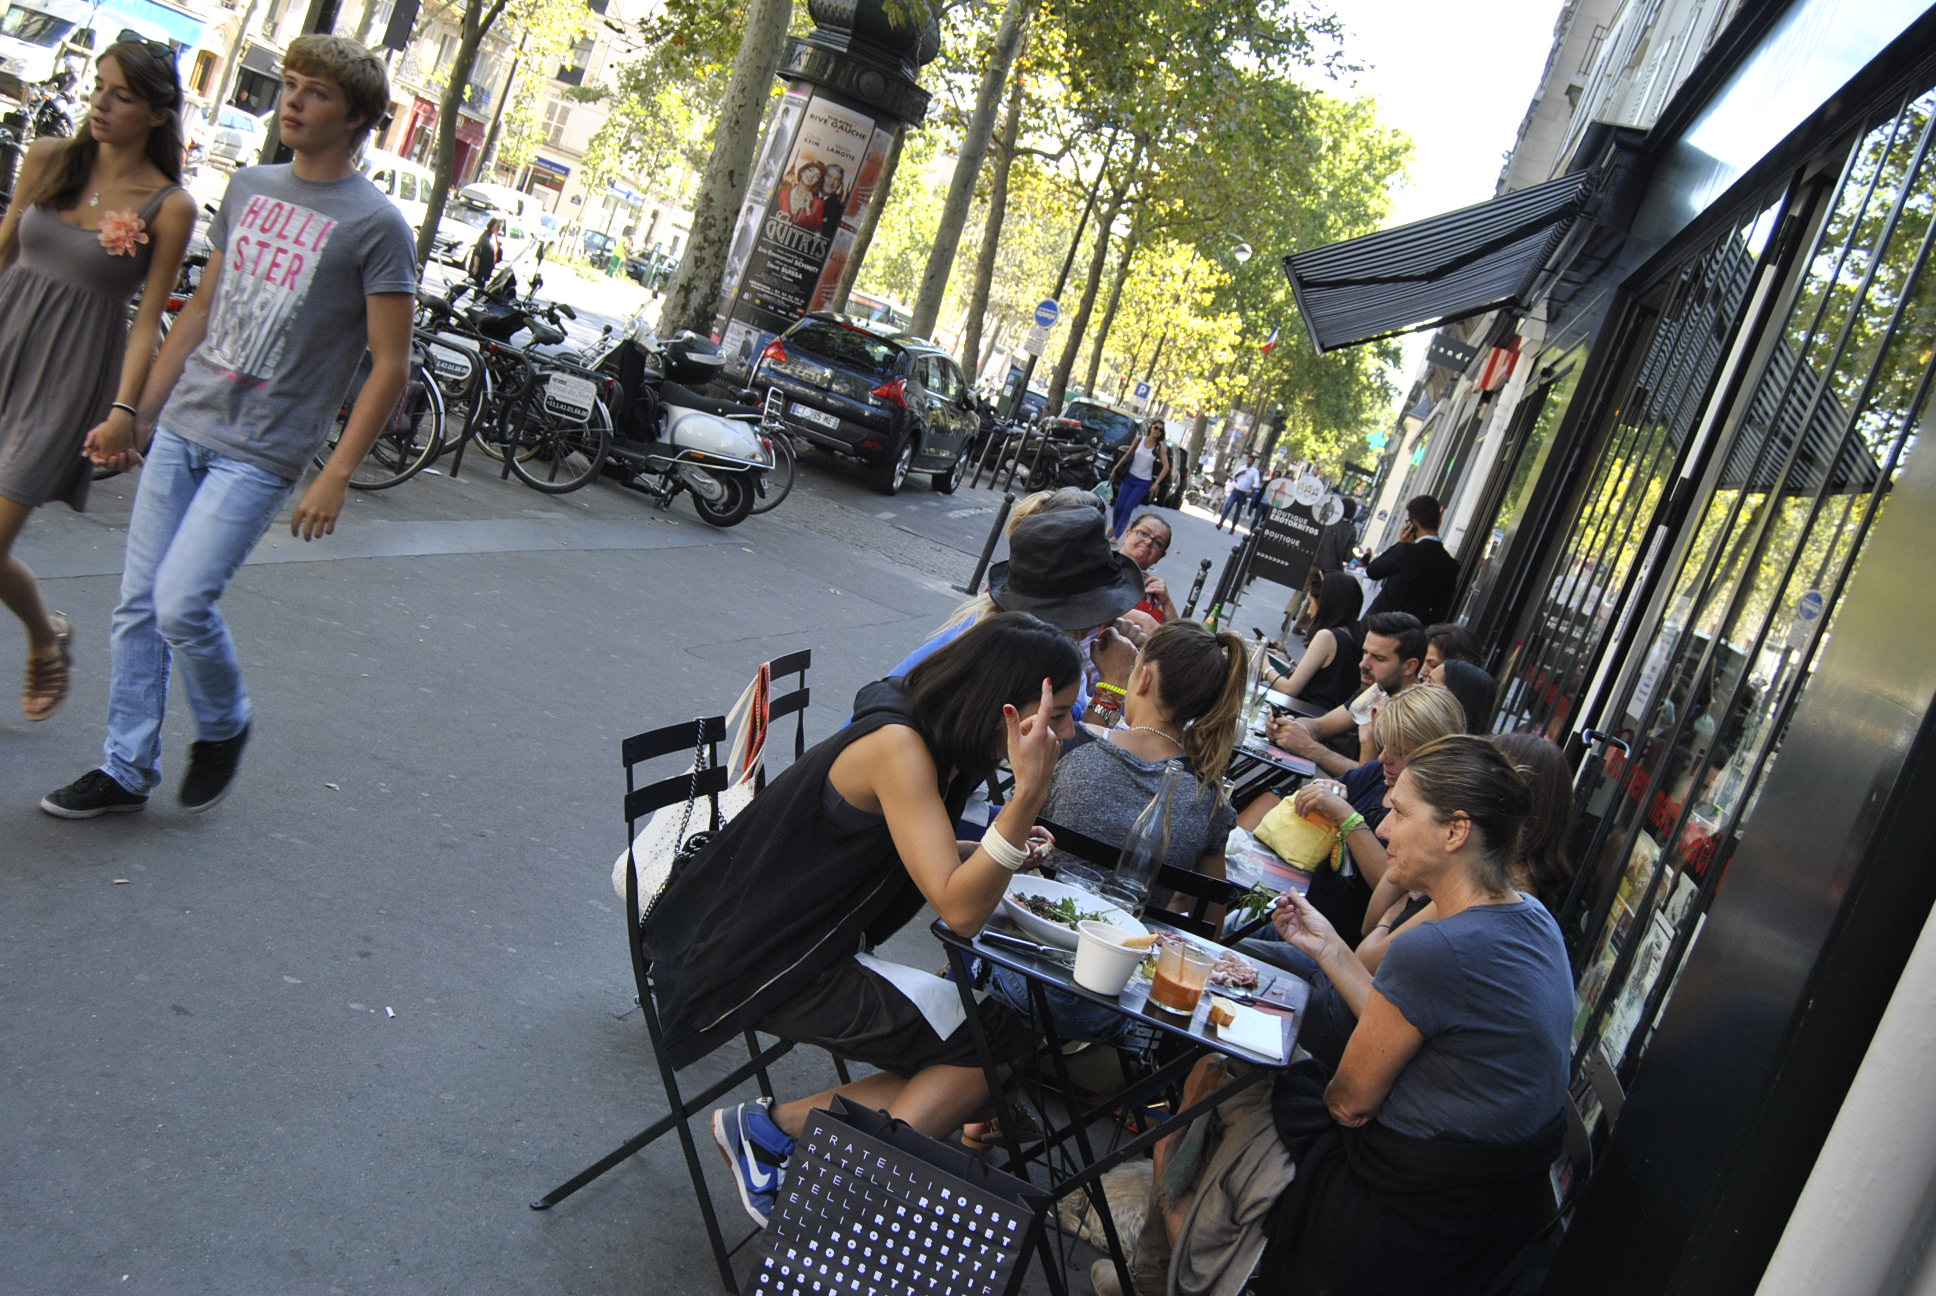 Merci paris photos cafe